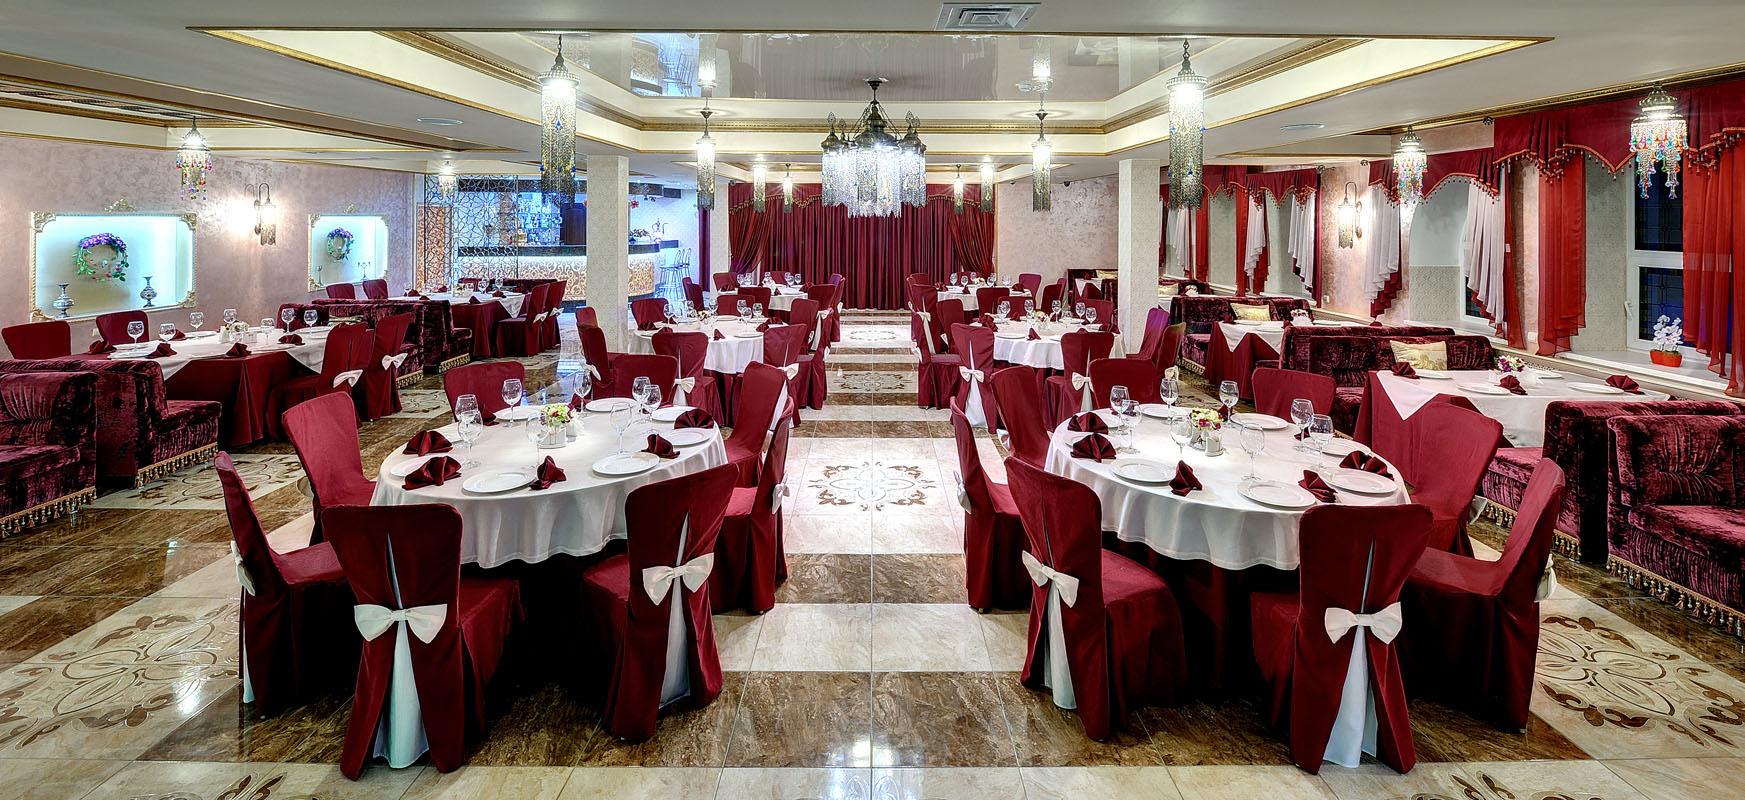 ресторан шафран оренбург